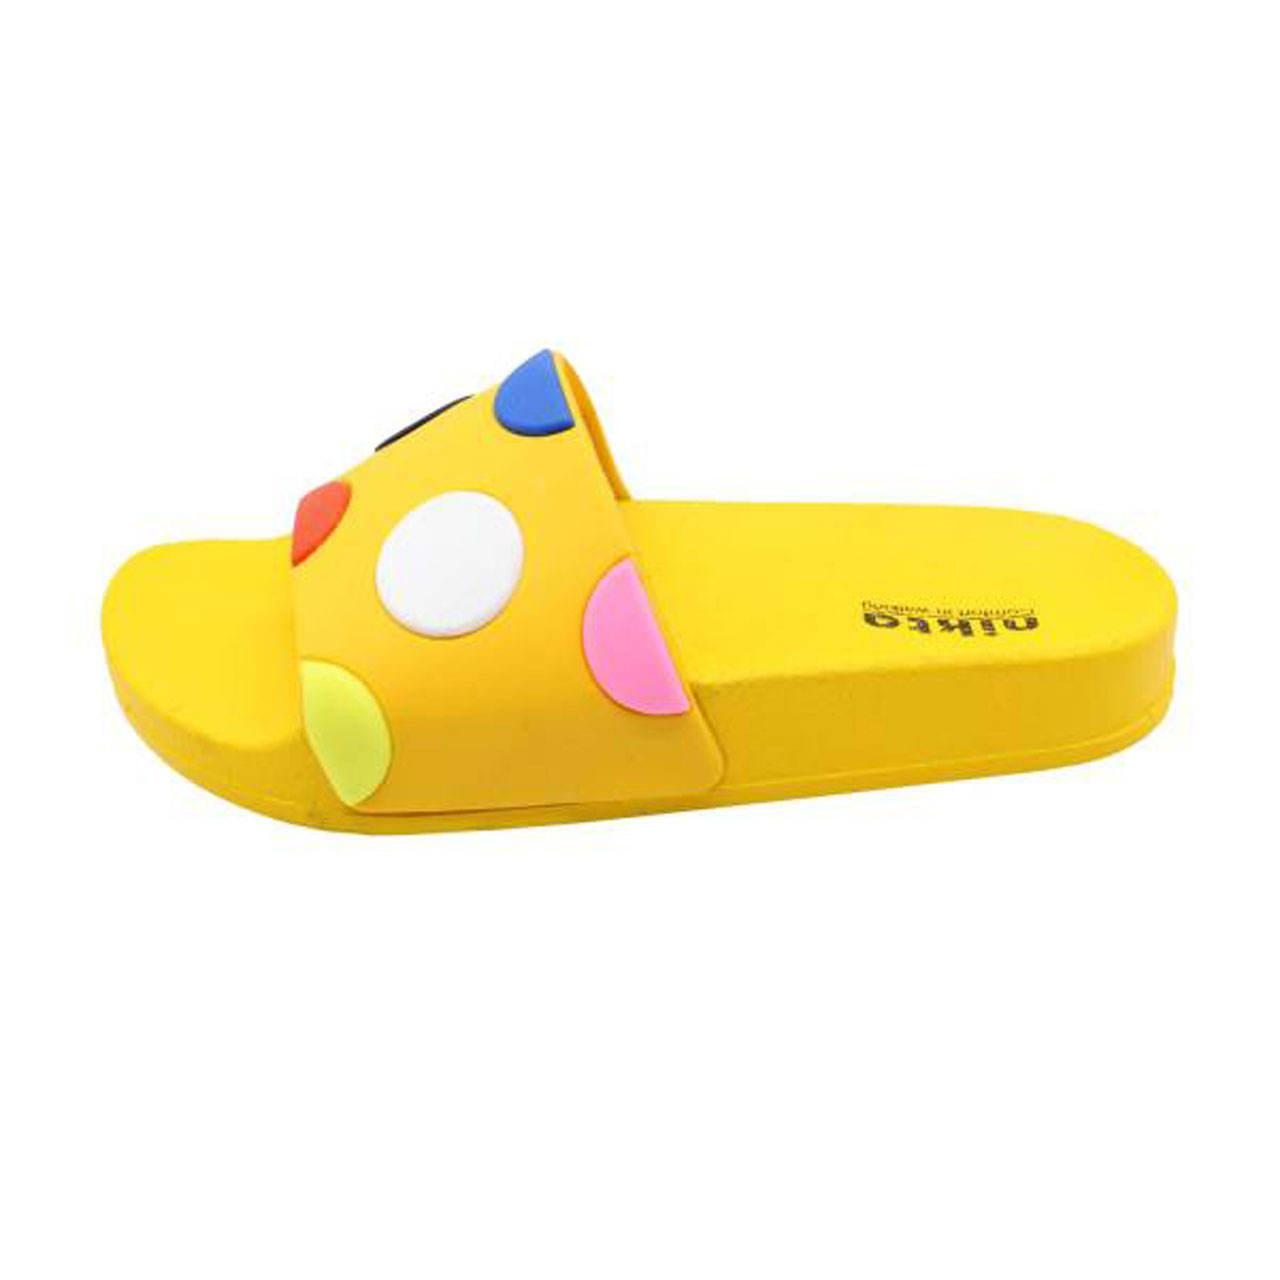 دمپایی دخترانه نیکتا مدل 304 کد L1-EsmarT10 رنگ زرد -  - 2